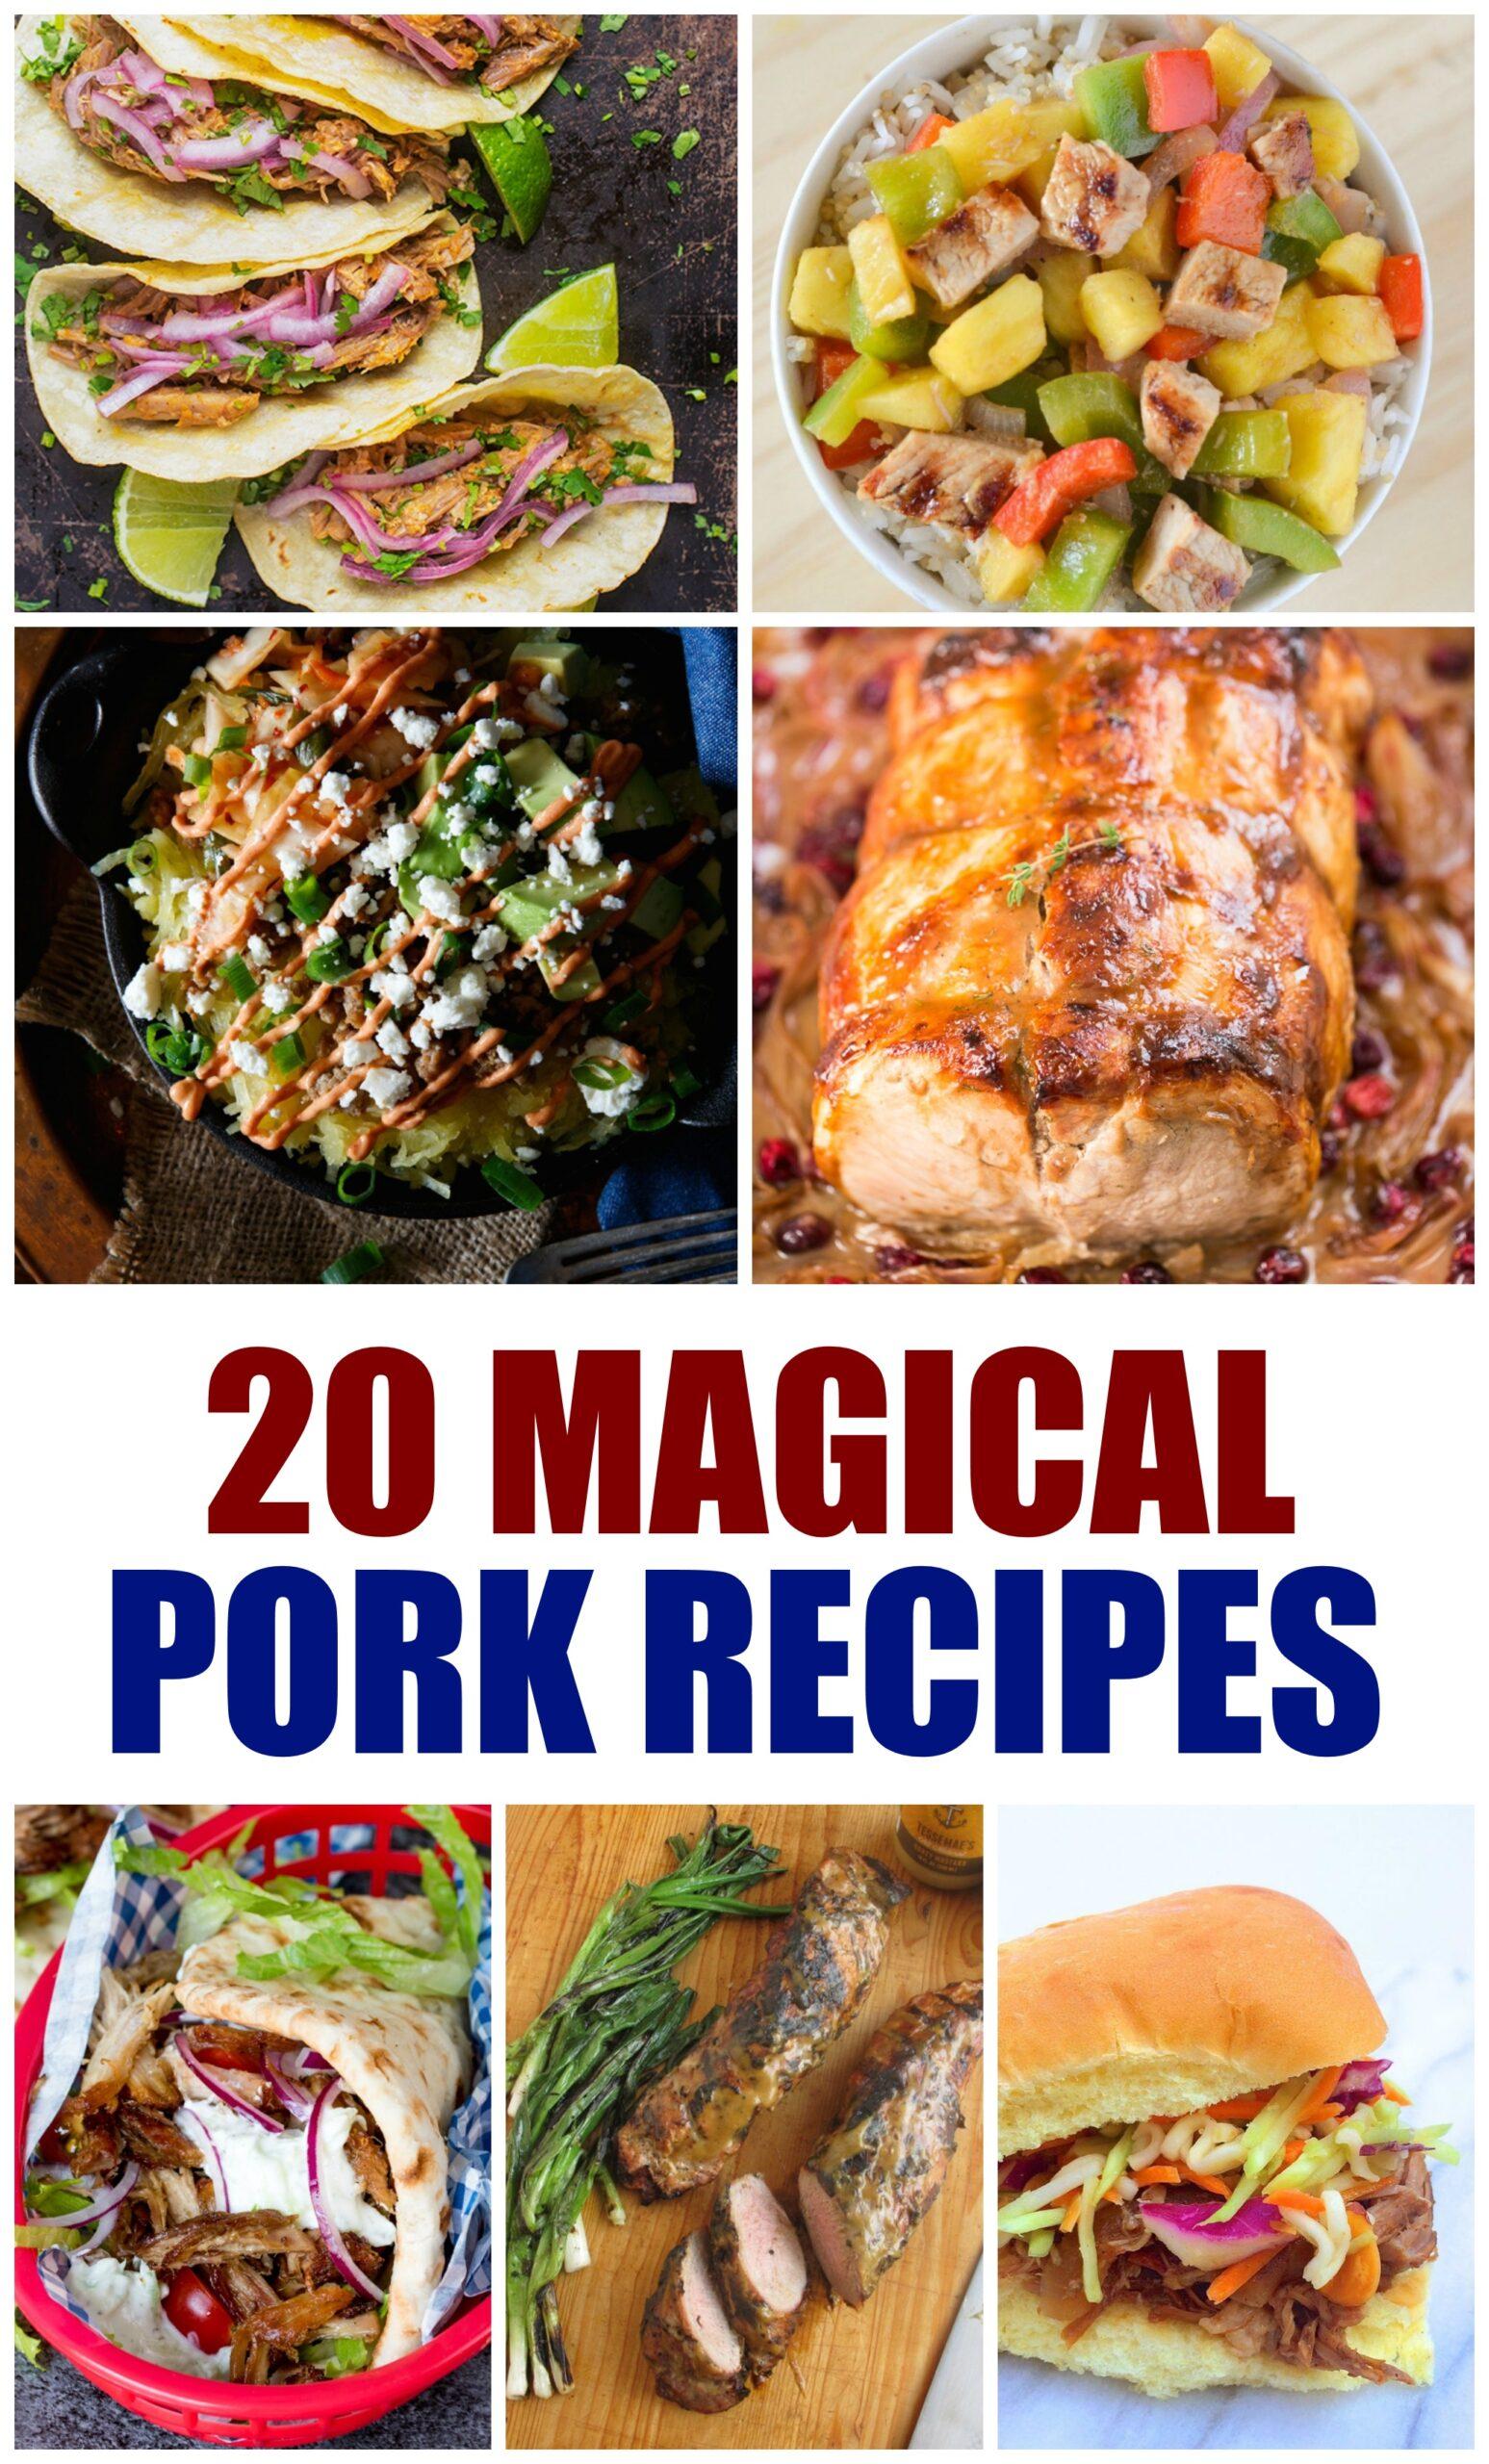 Pork Recipes for Dinner